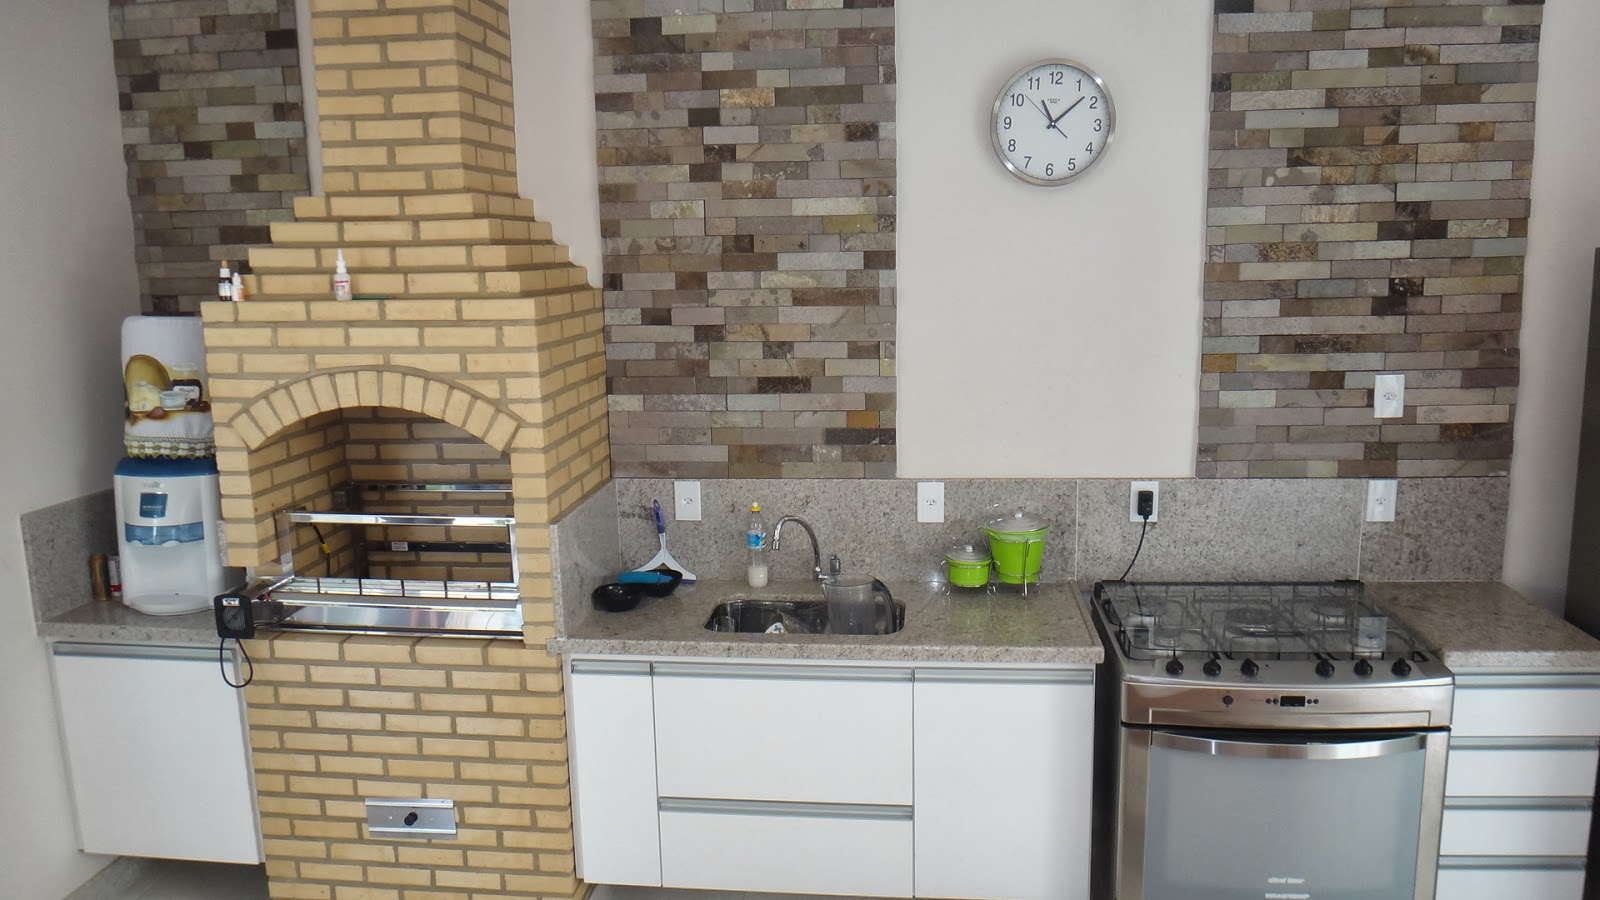 Personalizada: Cozinha para área de churrasco Maikel São Mateus #816D4A 1600x900